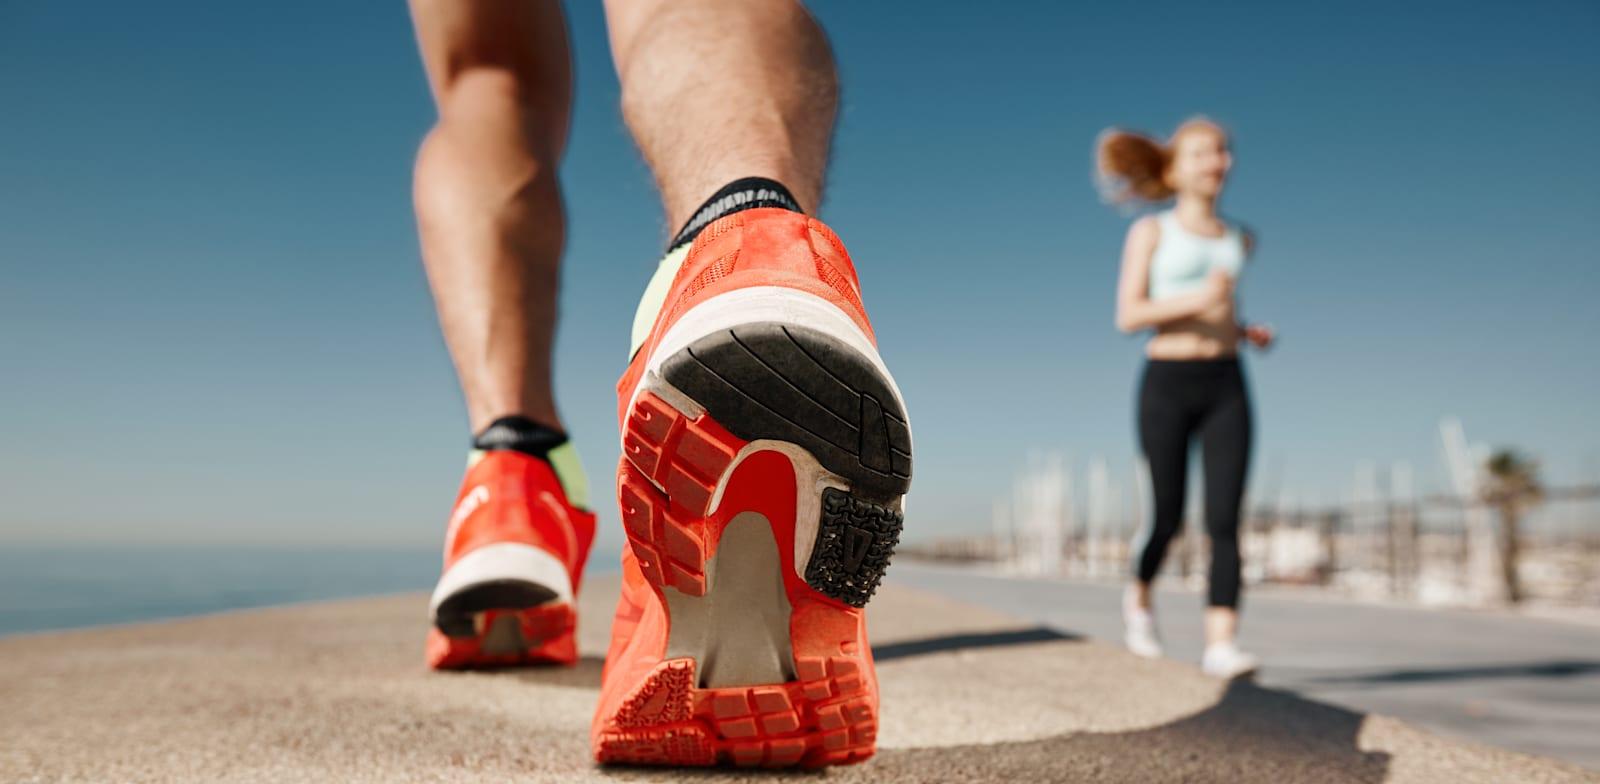 ספירת צעדים היא רק קצה הקרחון / צילום: Shutterstock, WAYHOME studio